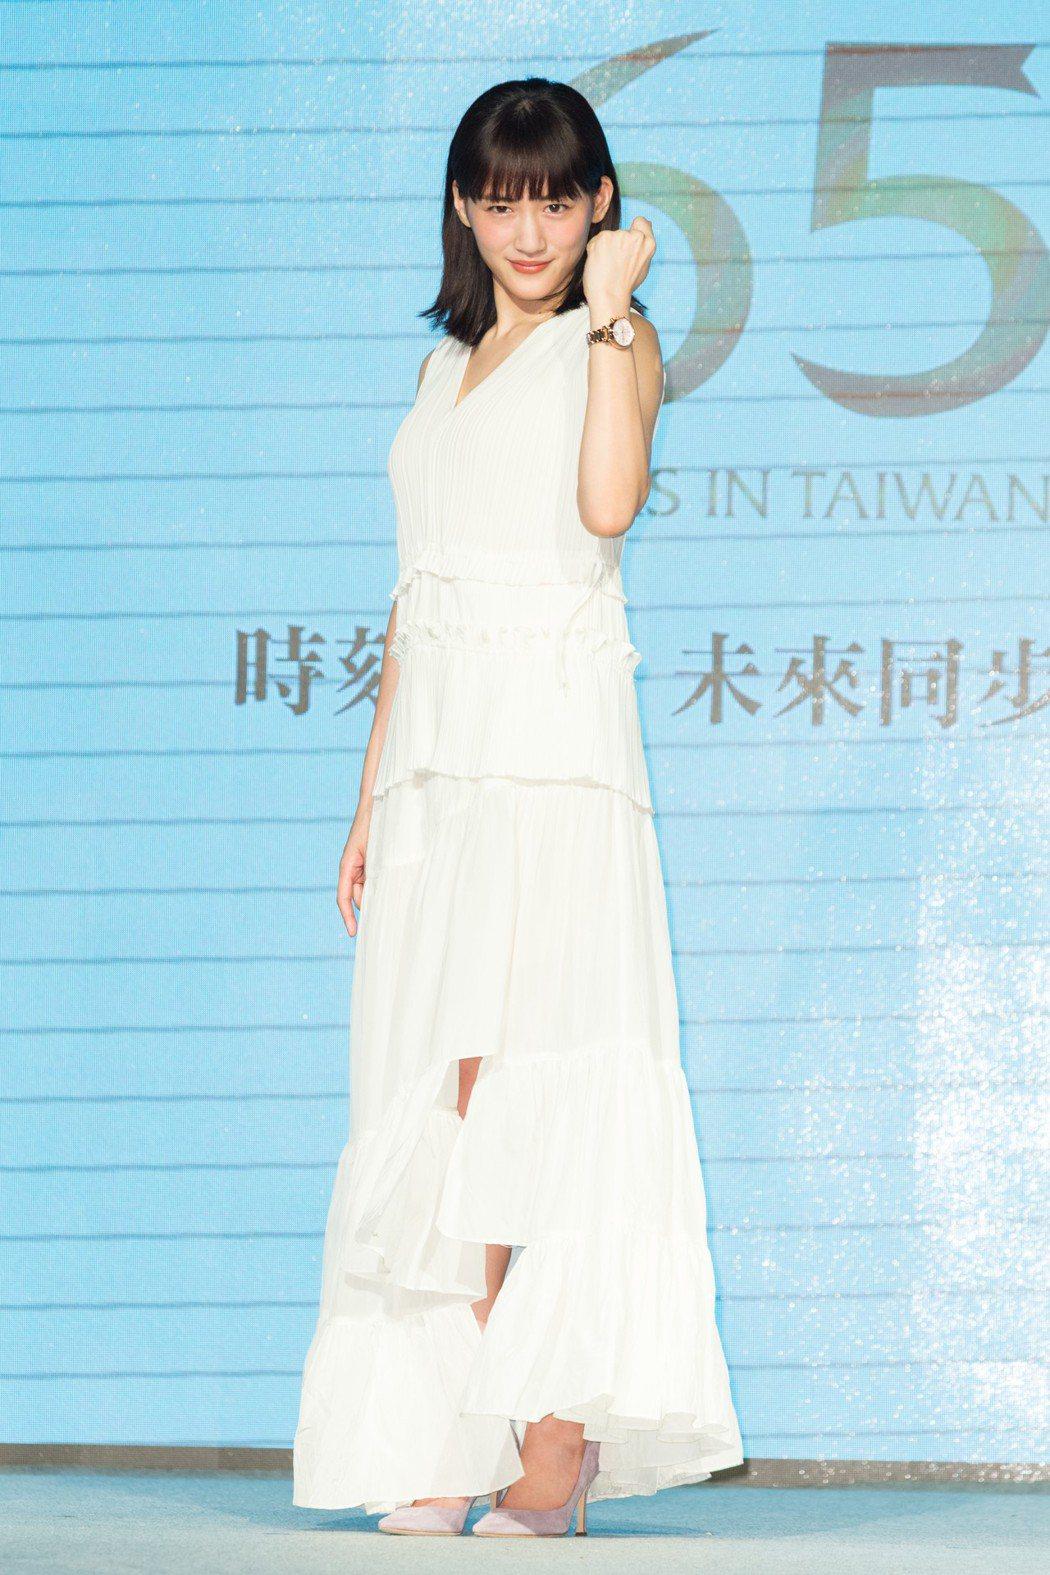 精工錶歡慶來台銷售65週年,邀請日本女星綾瀨遙代言。陳立凱/攝影